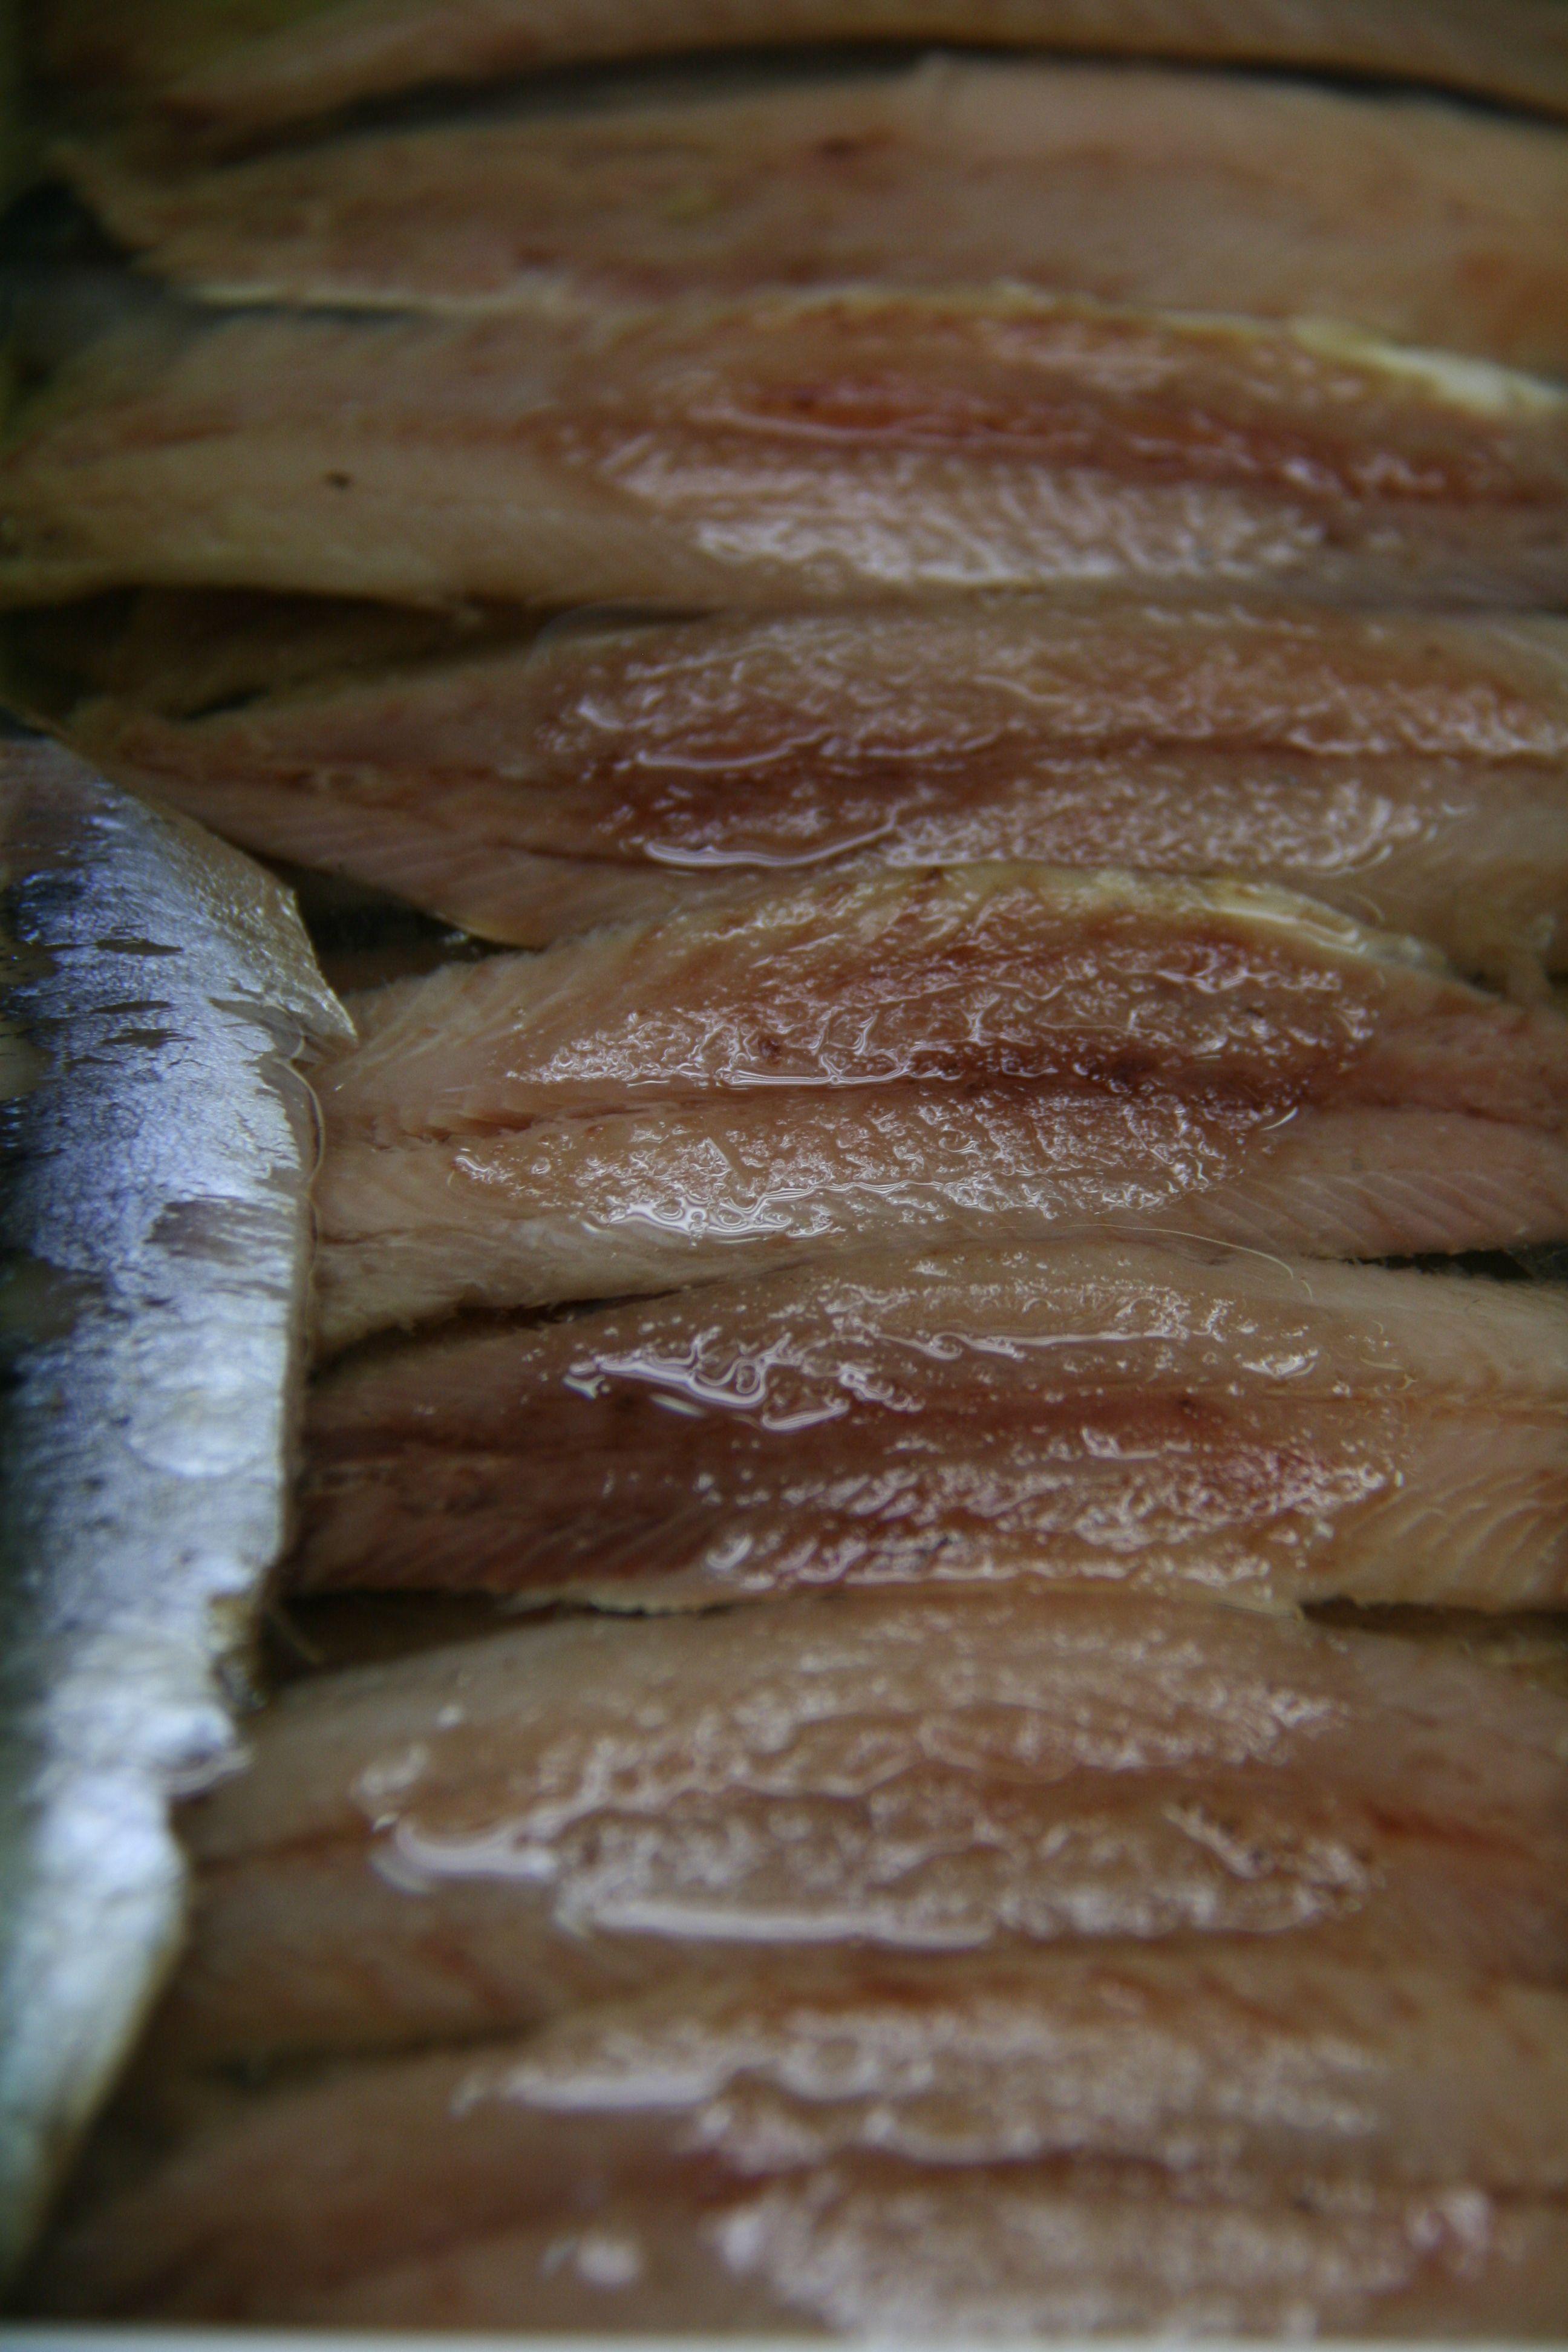 Venta de anchoas: Tienda de delicatessen de Delicatessen López Oleaga